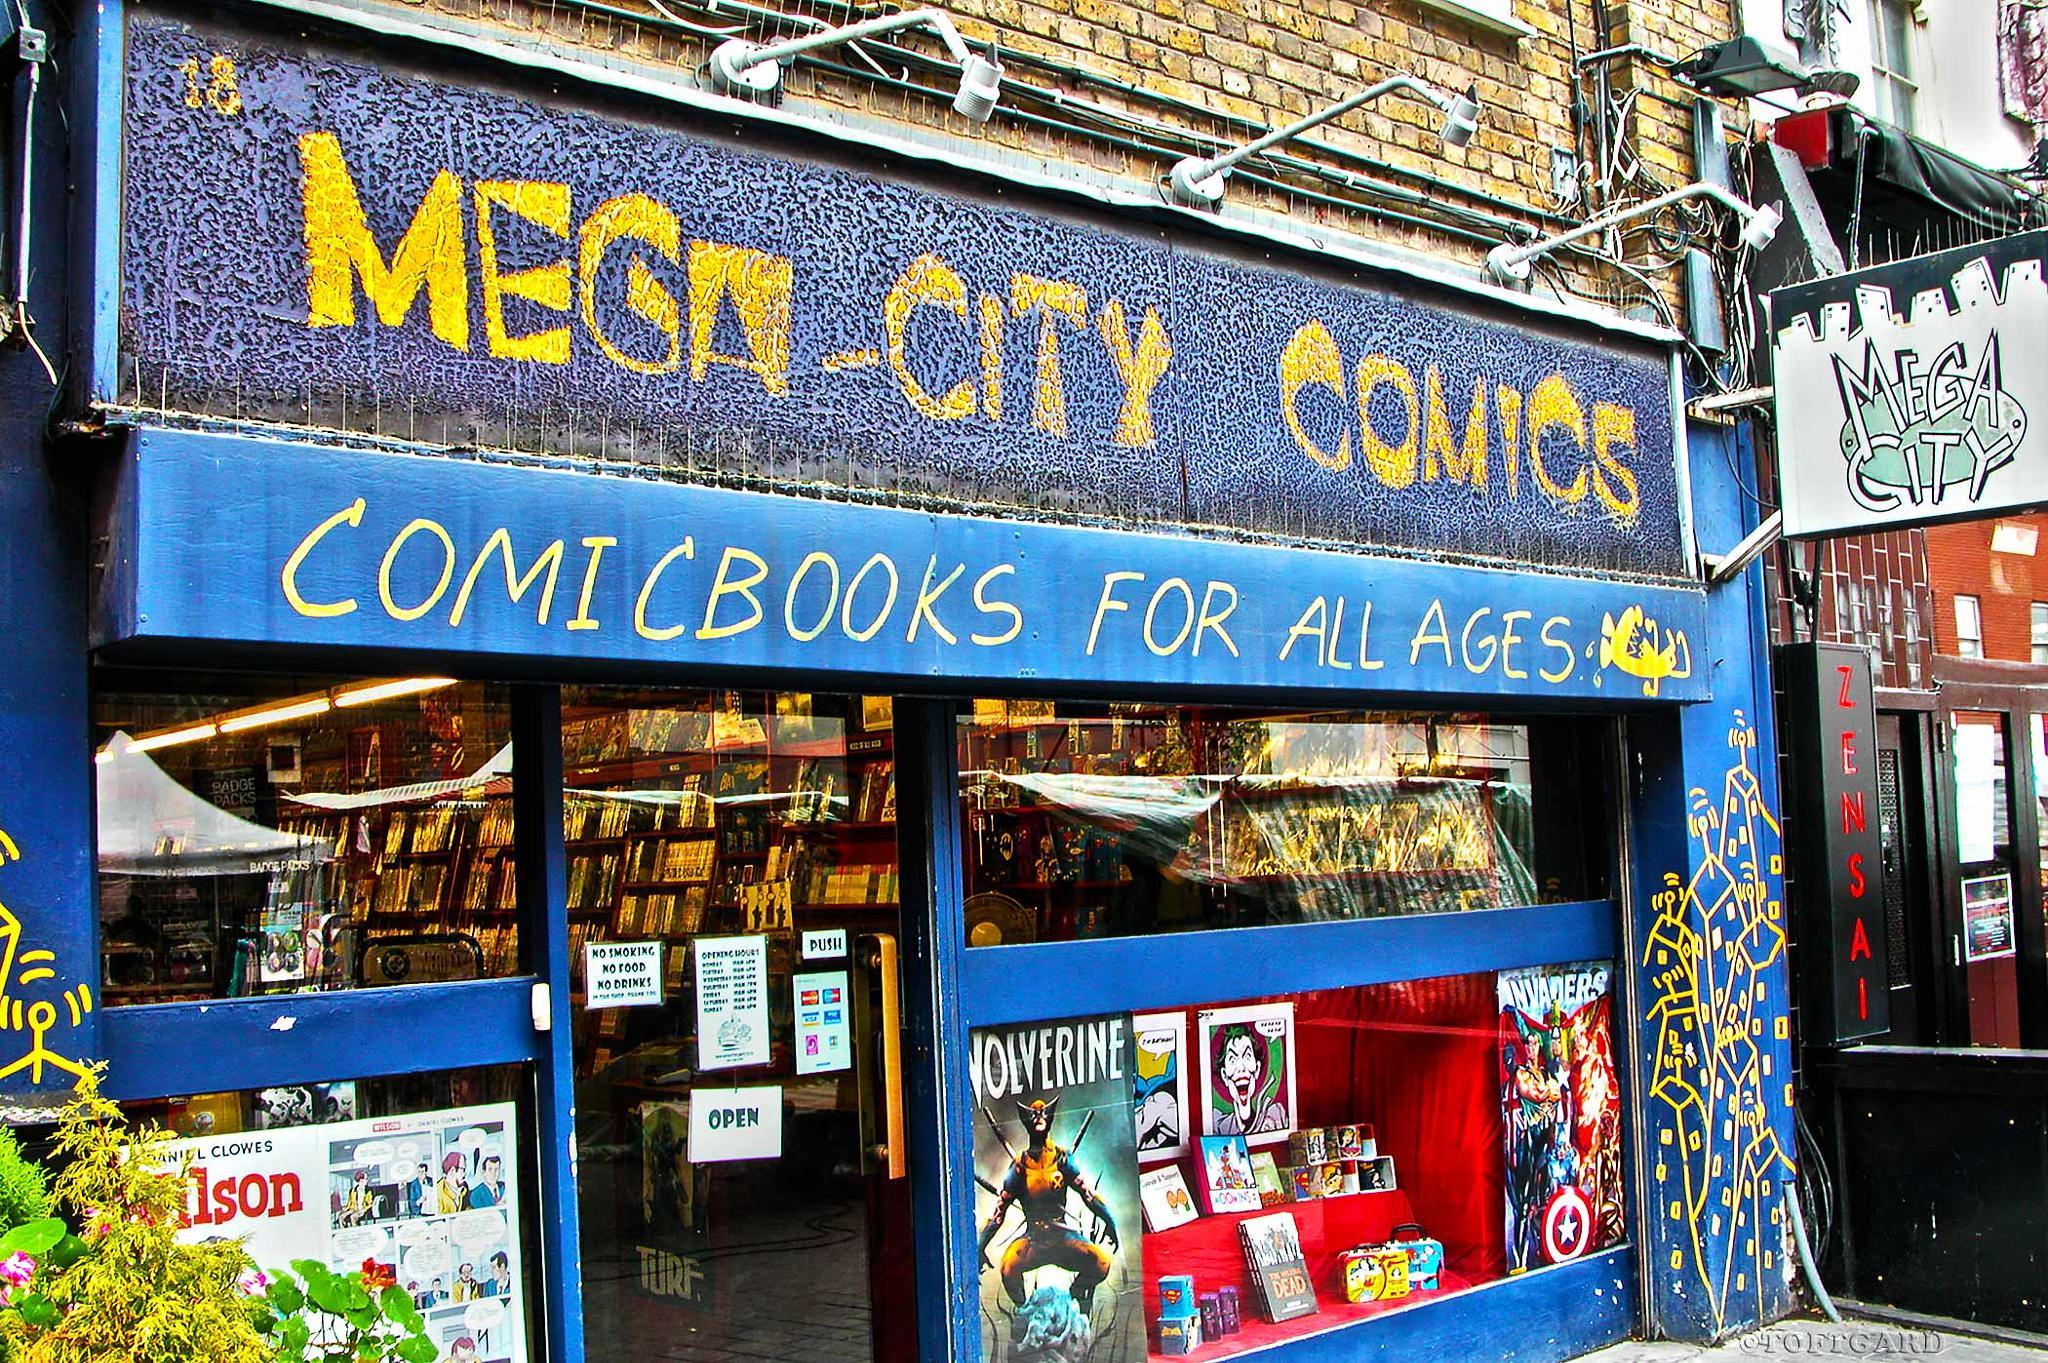 Fun store Mega-City Comics by TOFTGARD